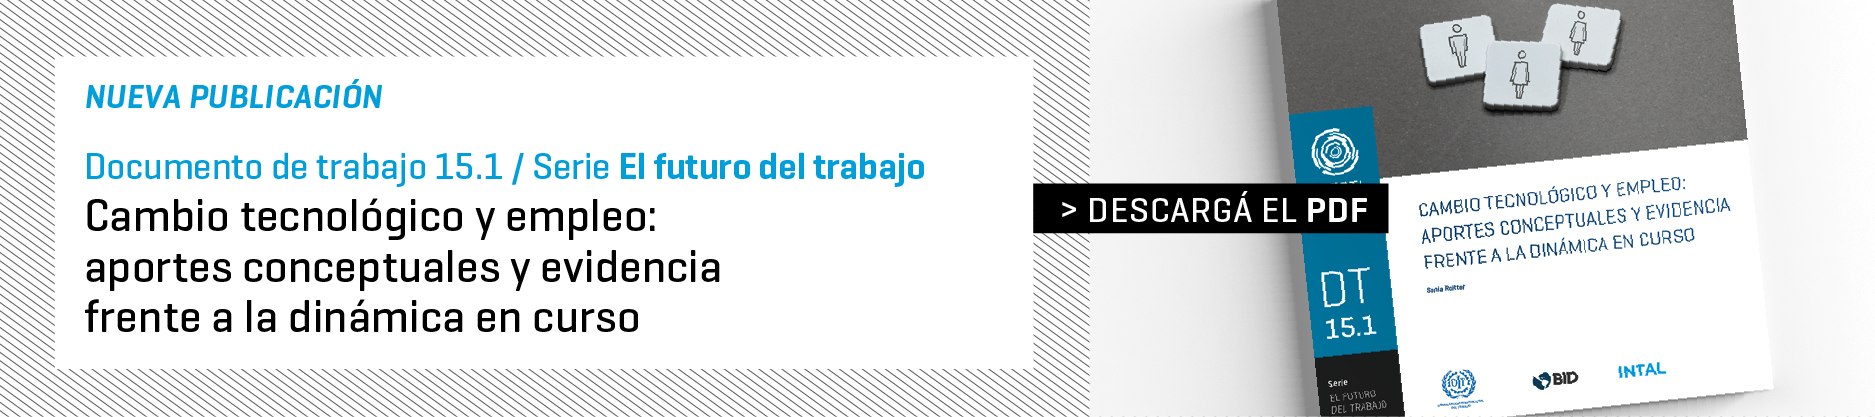 DT15.1-banner-web-900x200px_v2